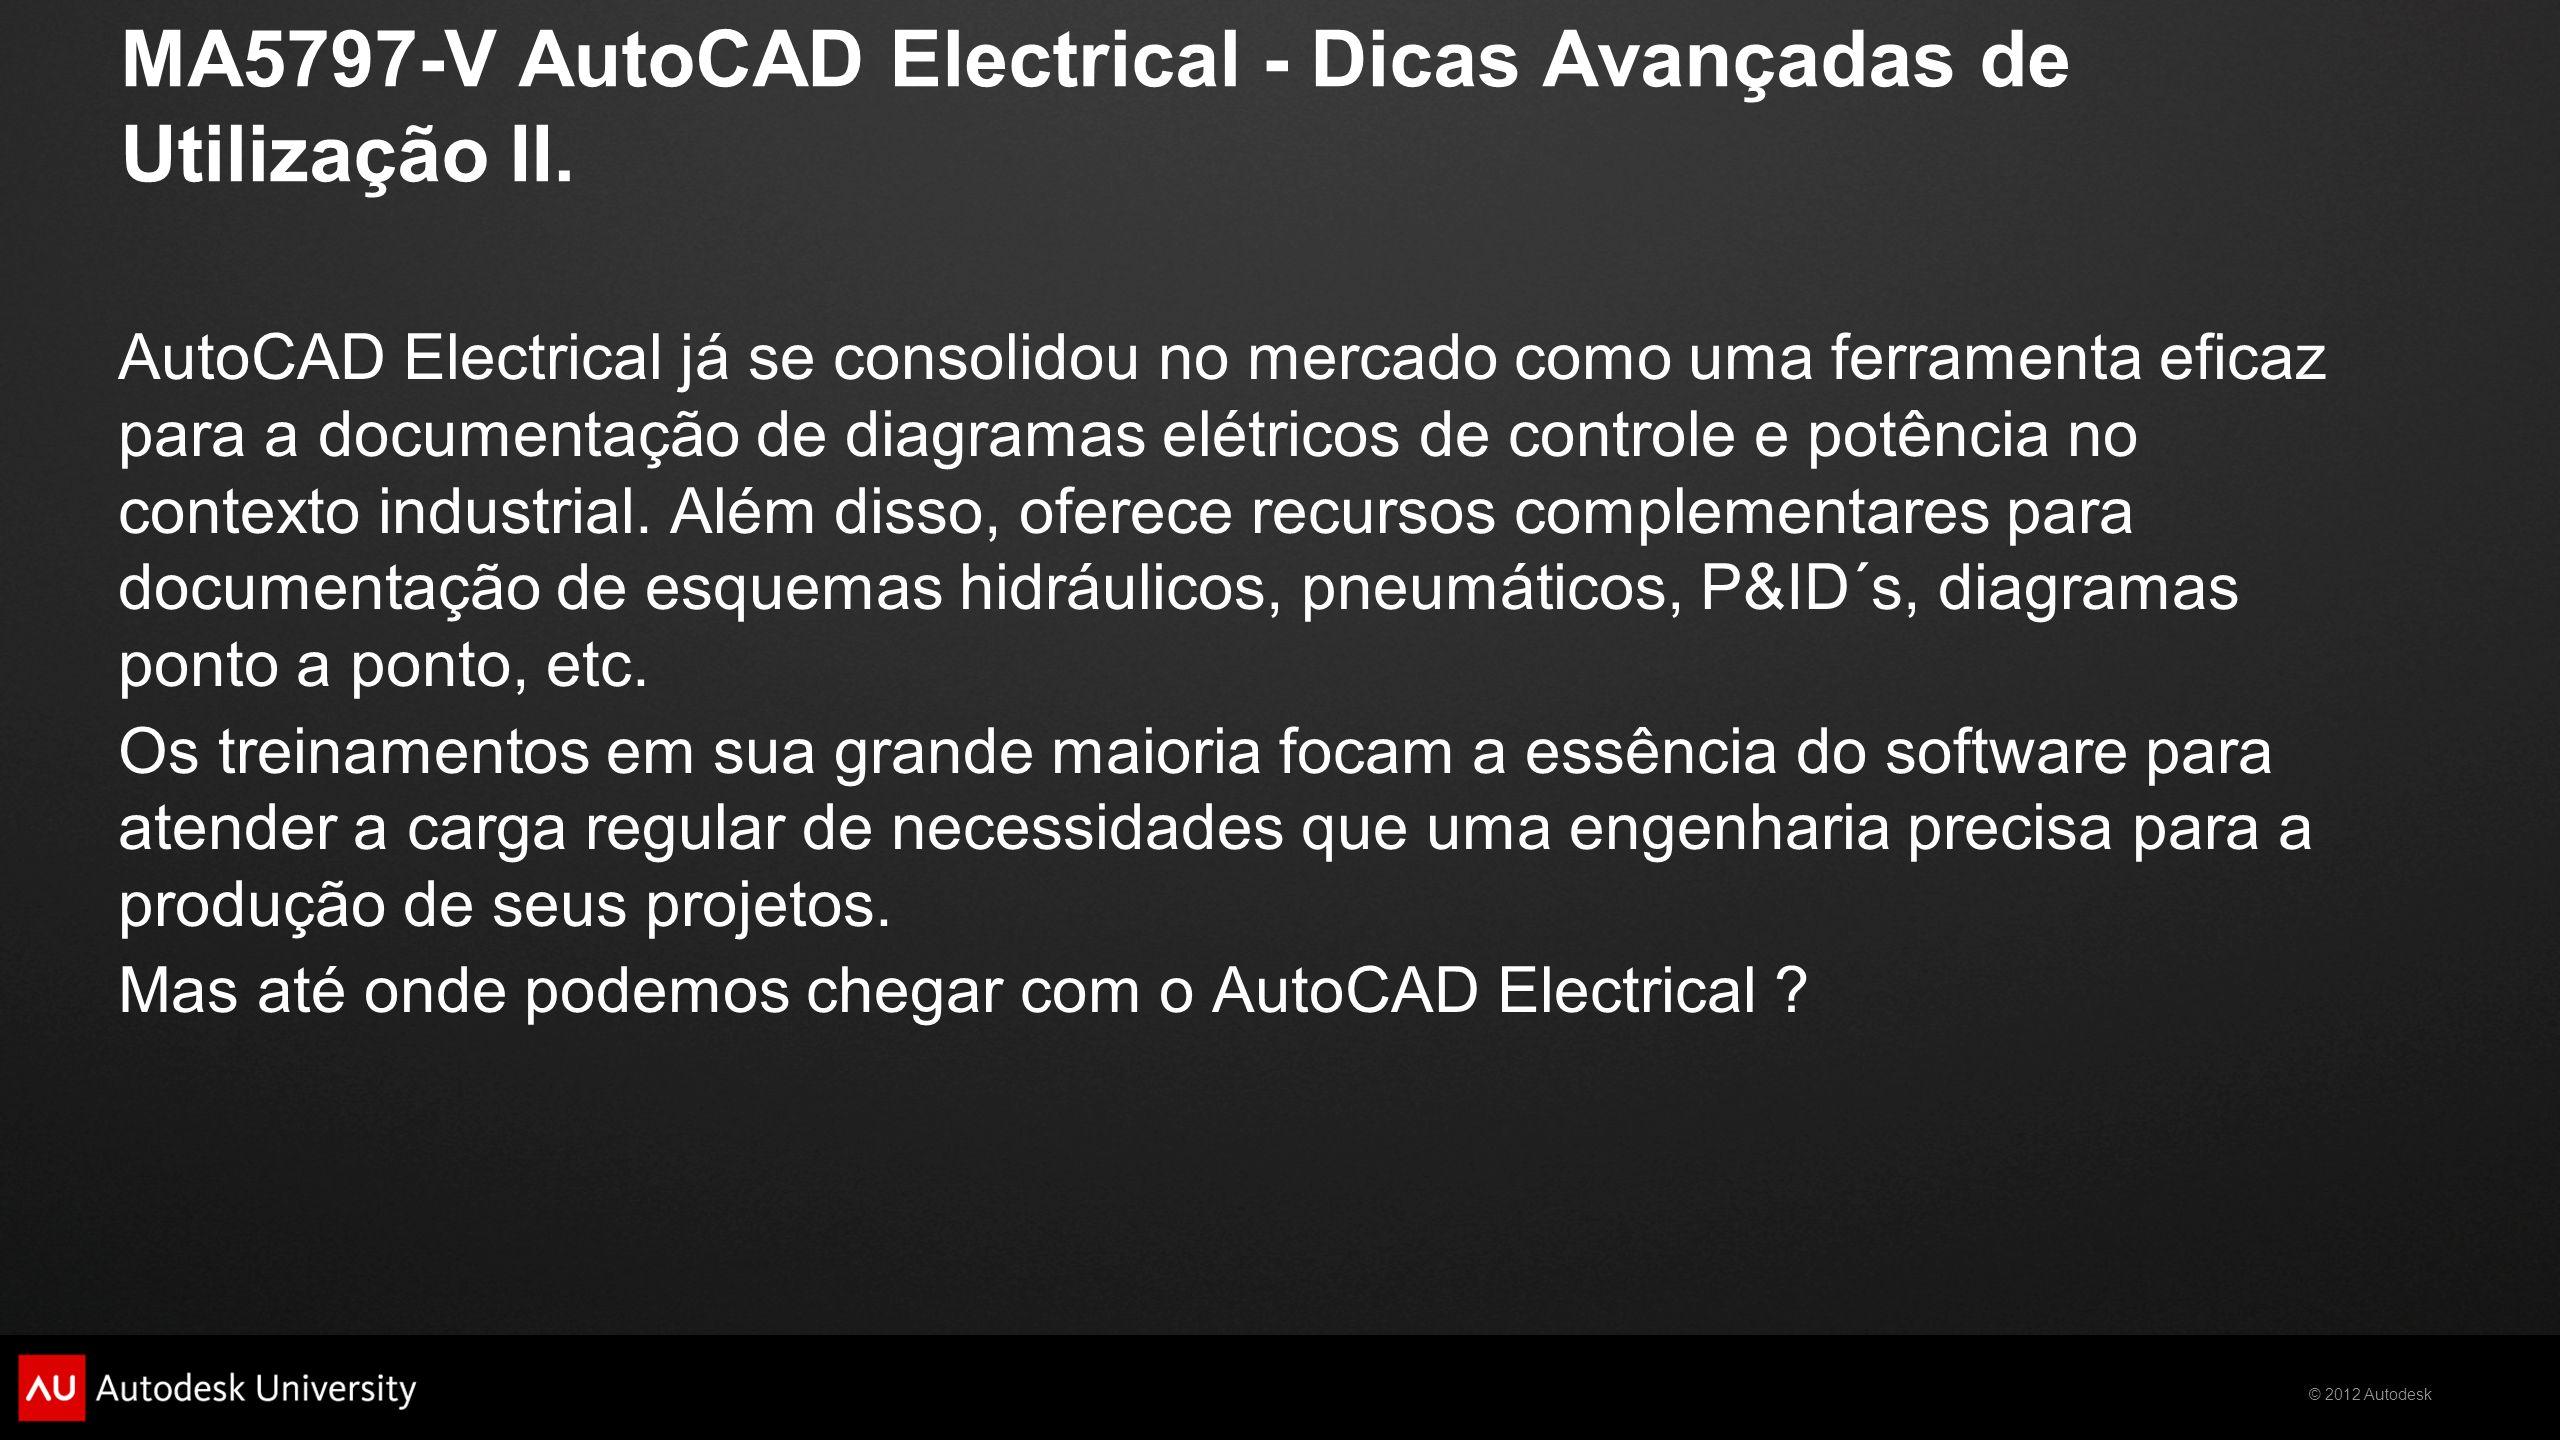 MA5797-V AutoCAD Electrical - Dicas Avançadas de Utilização II.